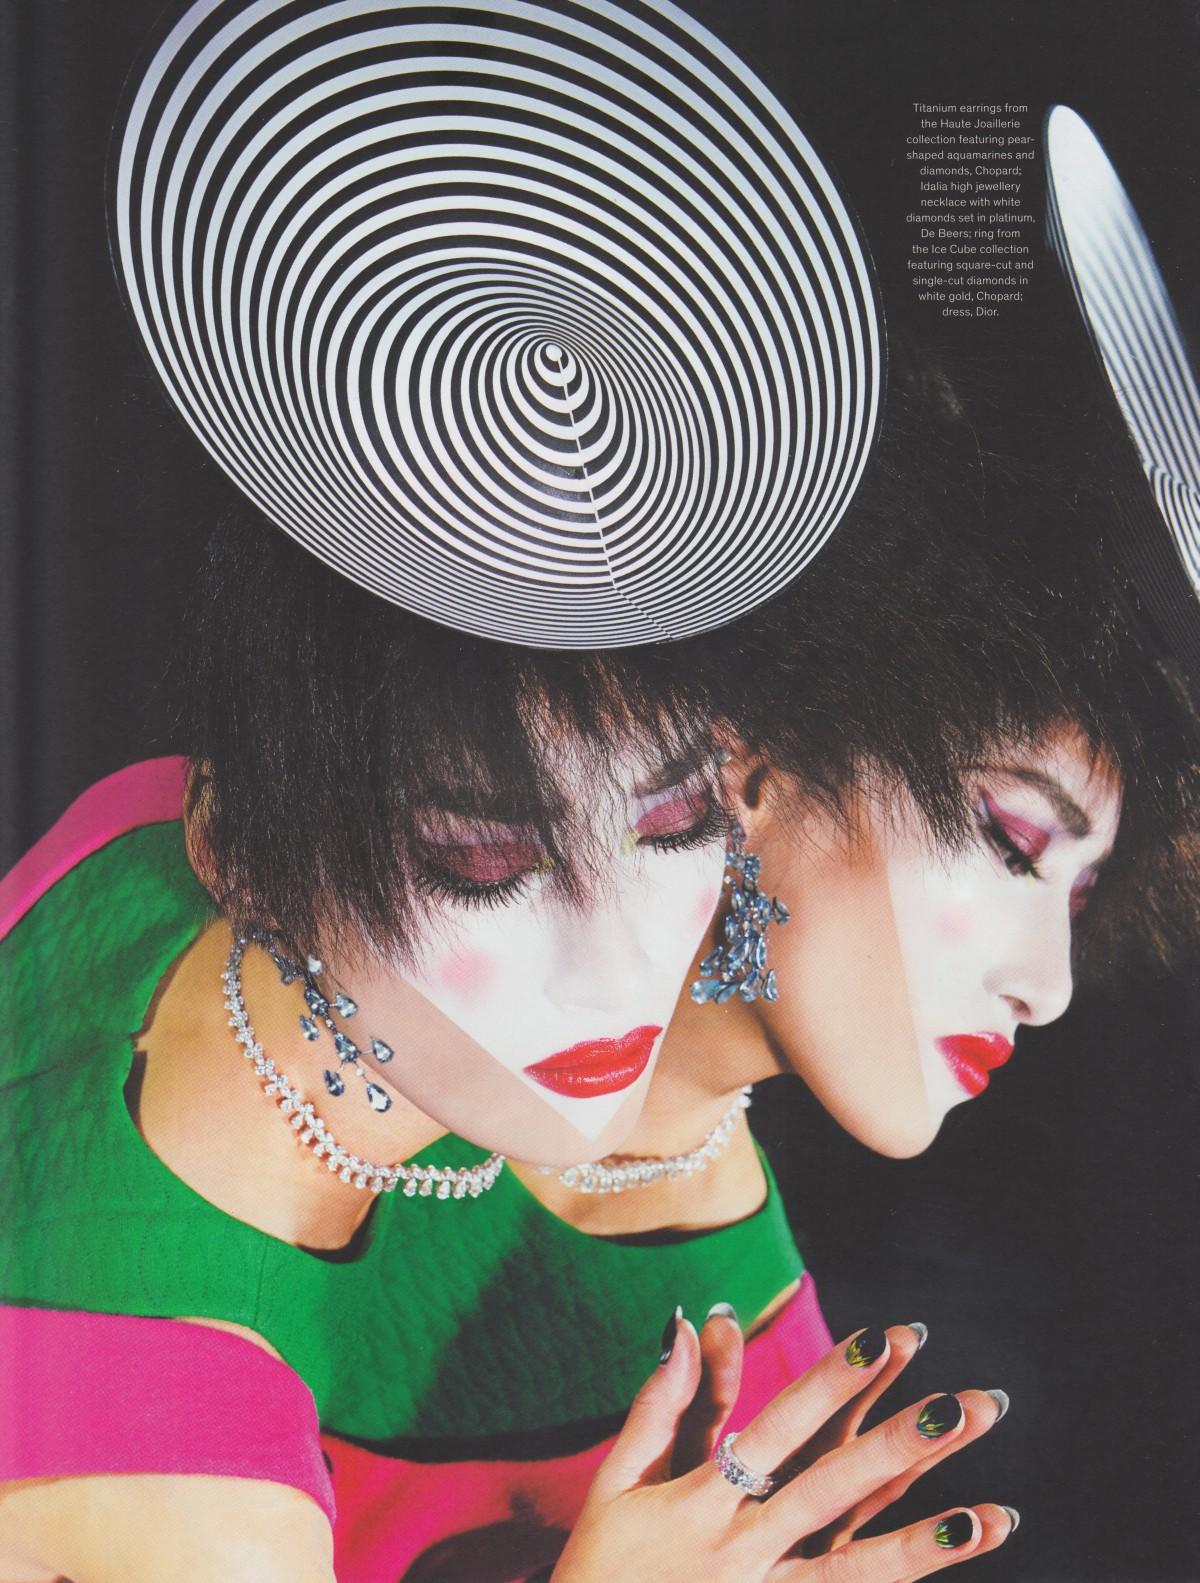 JFW Magazine, Diana Gomez, Gigi Jeon, Mac Cosmetics, The Magic Issue, Diamonds, Jewels